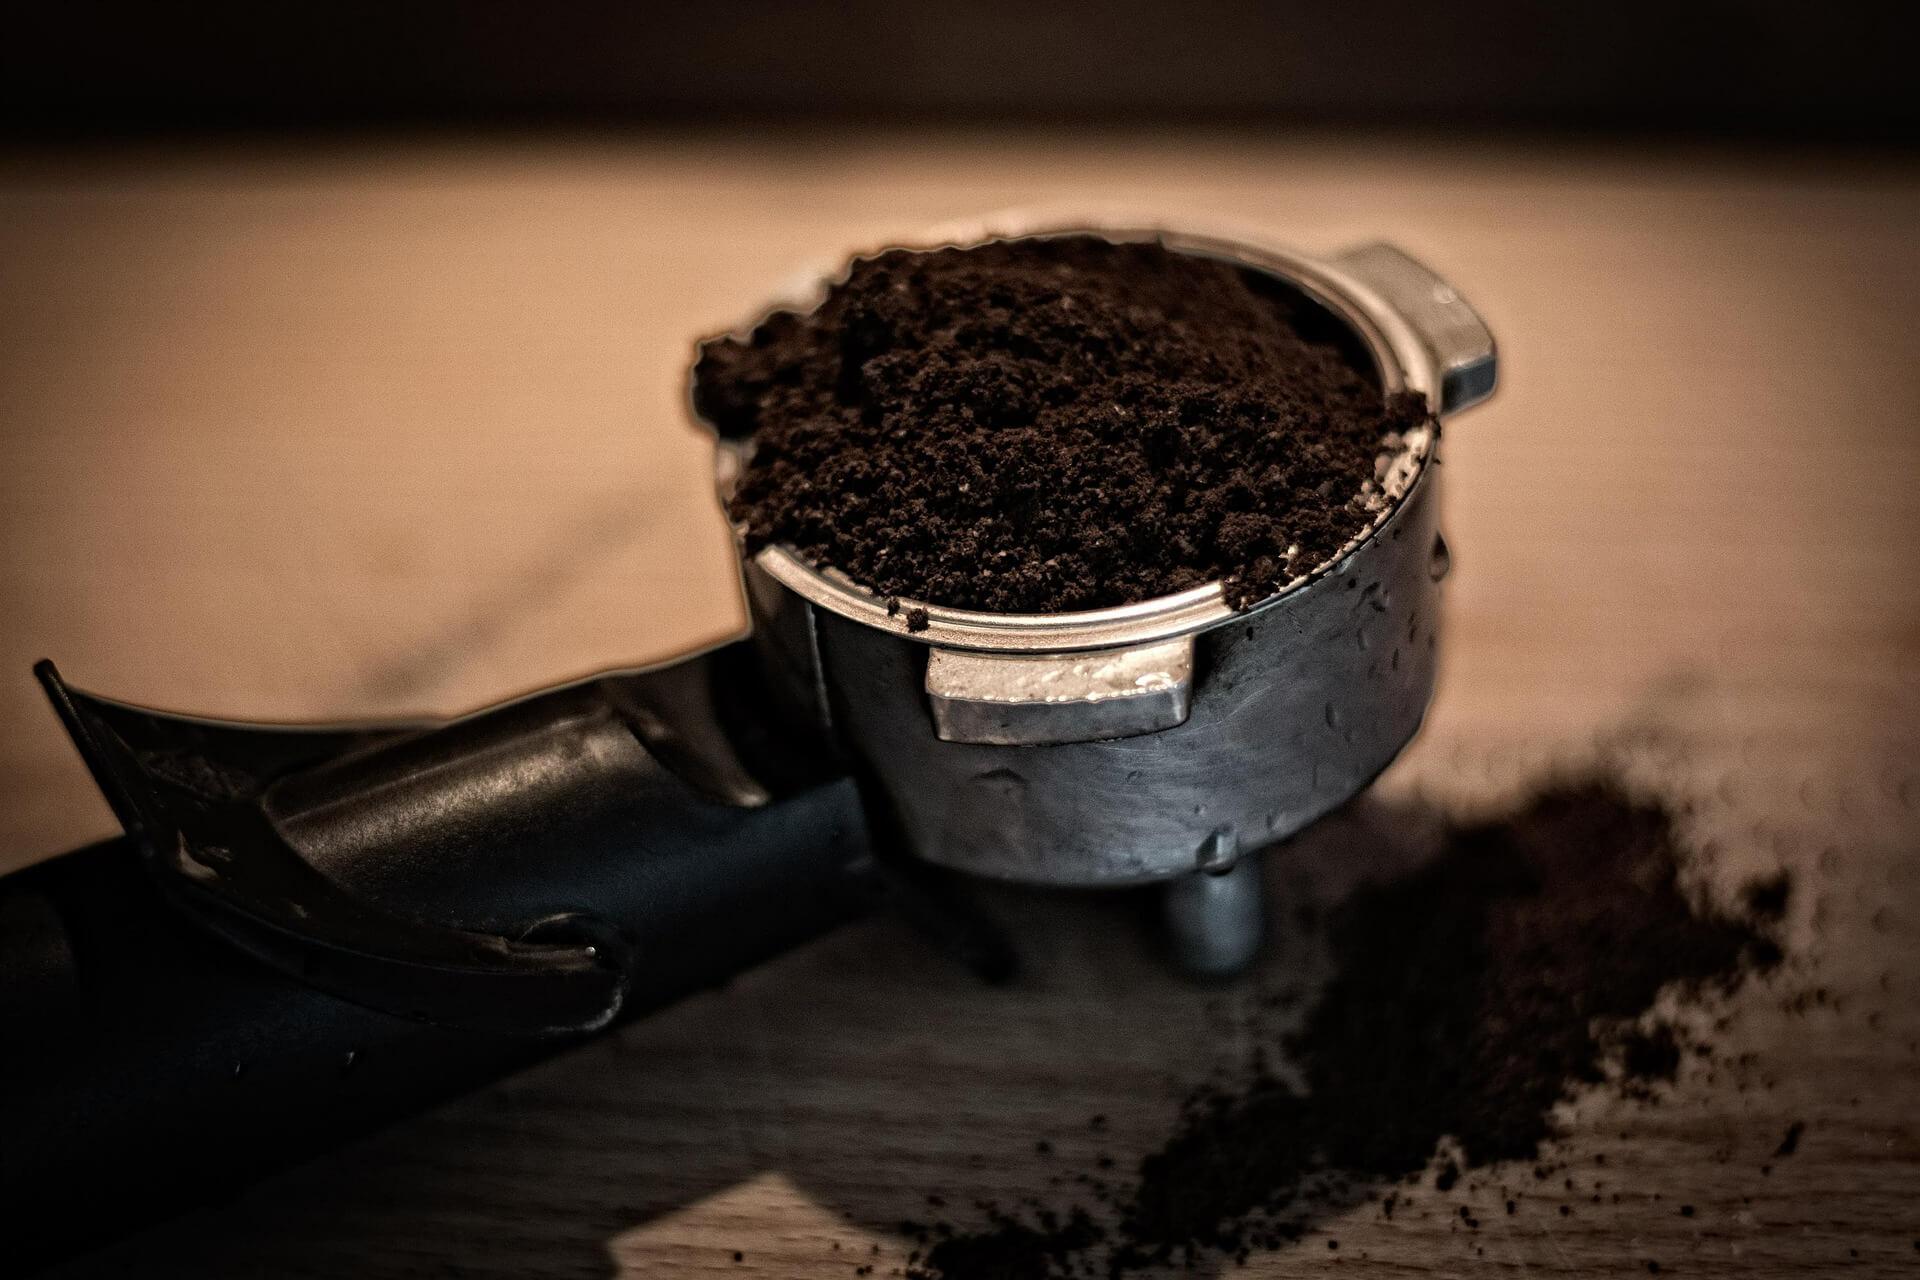 Analisi visiva del caffè espresso l'importanza della colorazione